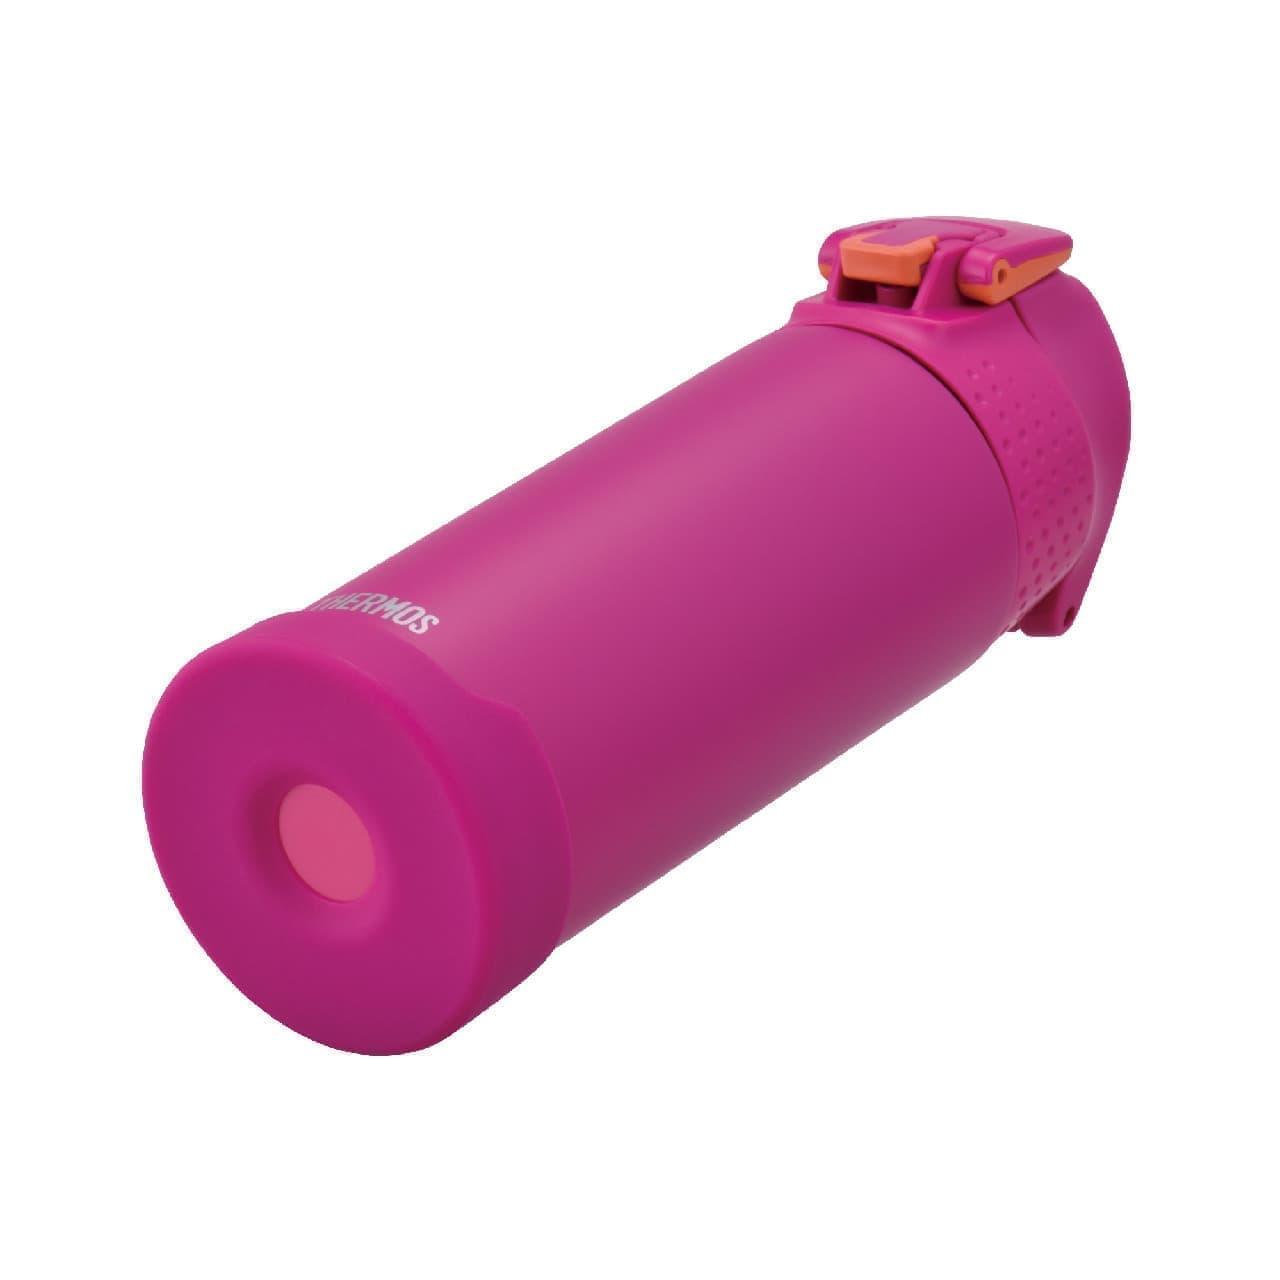 大人のジム通いに♪0.5Lの「サーモス 真空断熱スポーツボトル」--通勤バッグにすっきり、便利なワンタッチ・オープン